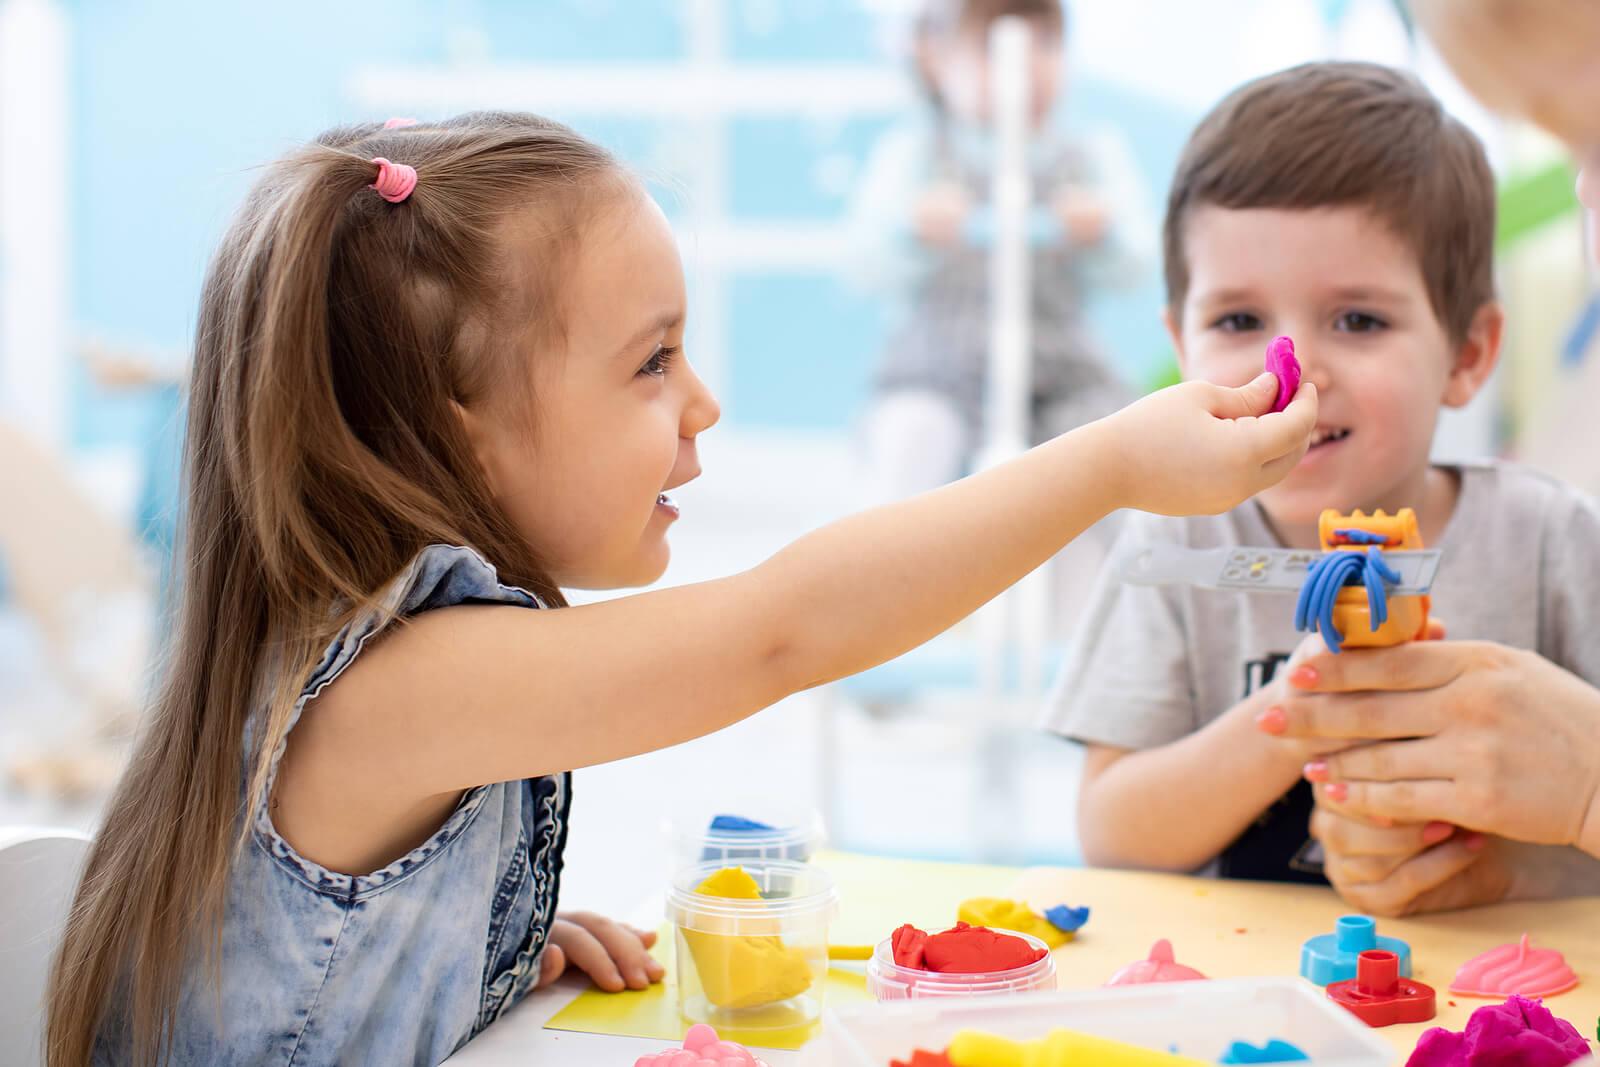 Niño jugando con plastilina haciendo actividades y manualidades sensoriales para niños agitados.